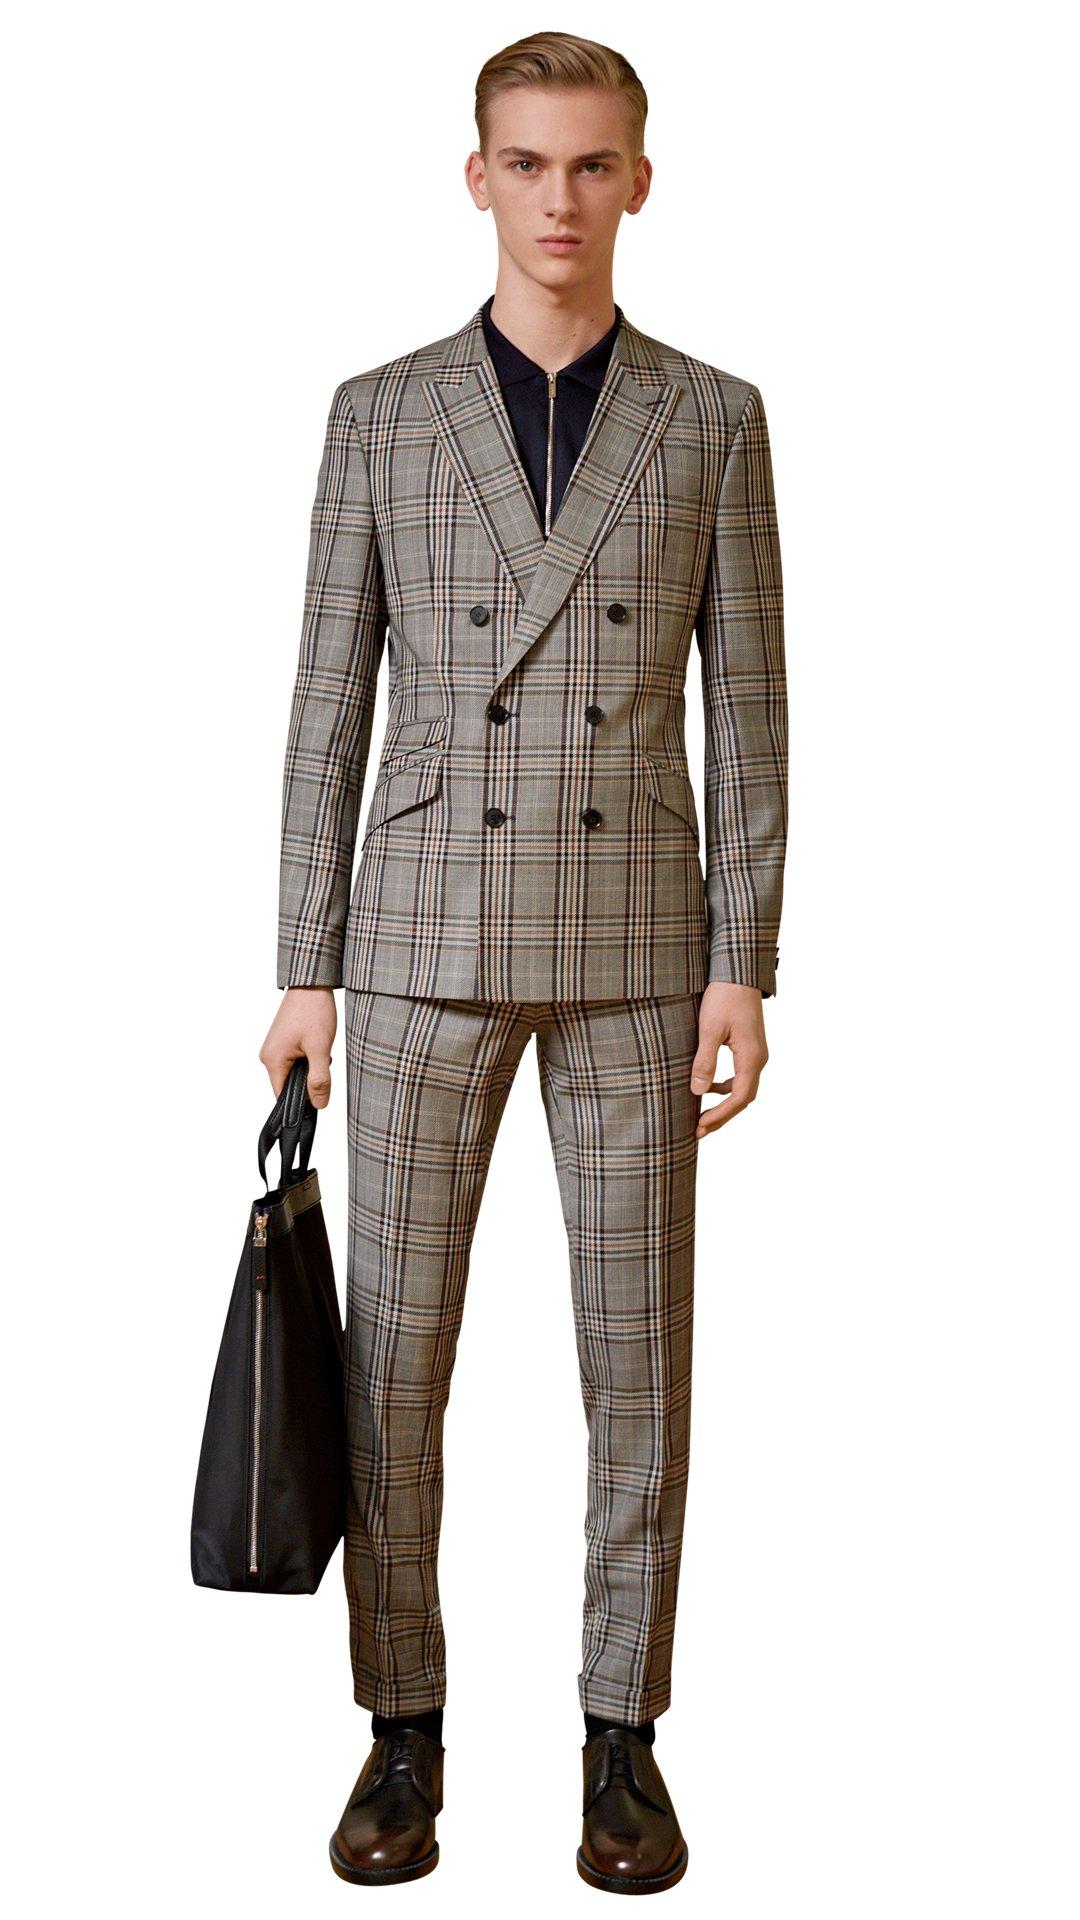 braune schuhe zum grauen anzug braune schuhe zum blauen anzug. Black Bedroom Furniture Sets. Home Design Ideas